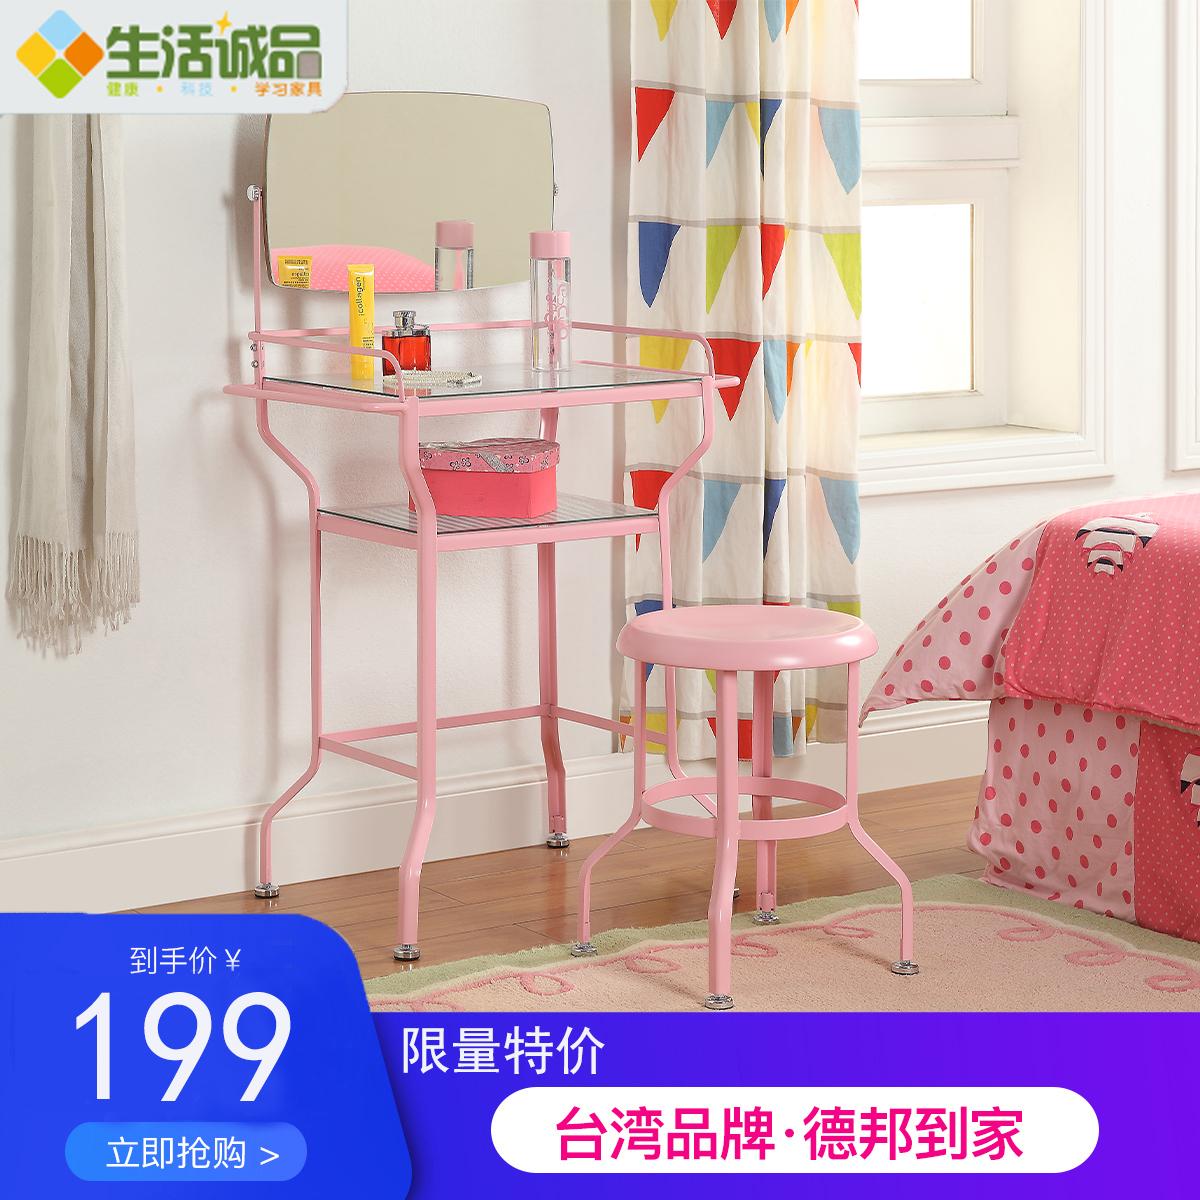 生活诚品台湾进口小型梳妆台现代简约卧室小户型化妆台网红化妆桌